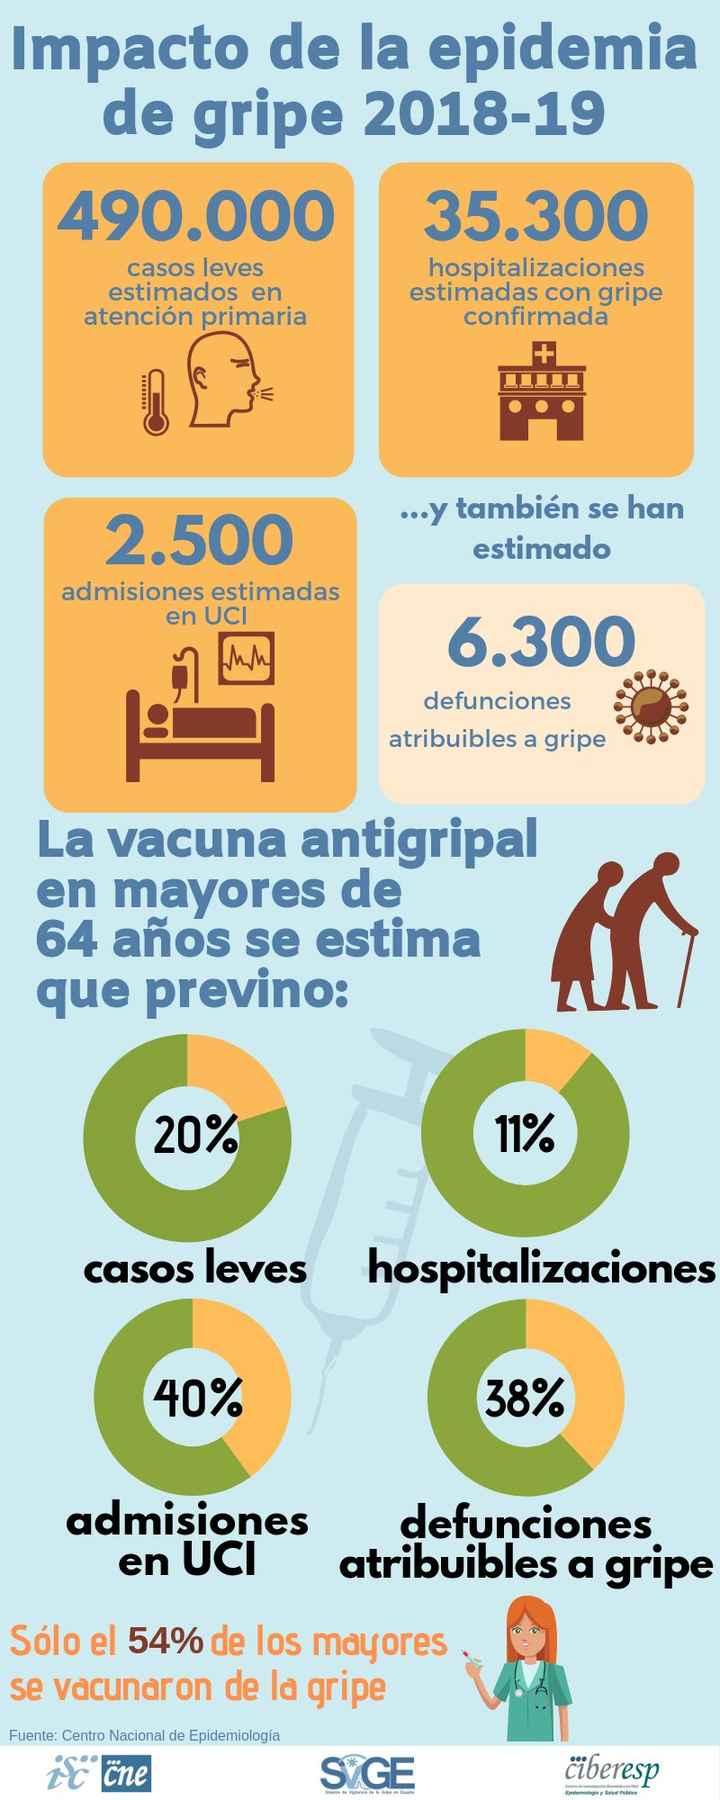 Feria bebés valencia y coronavirus 🤷🏻♀️ 1